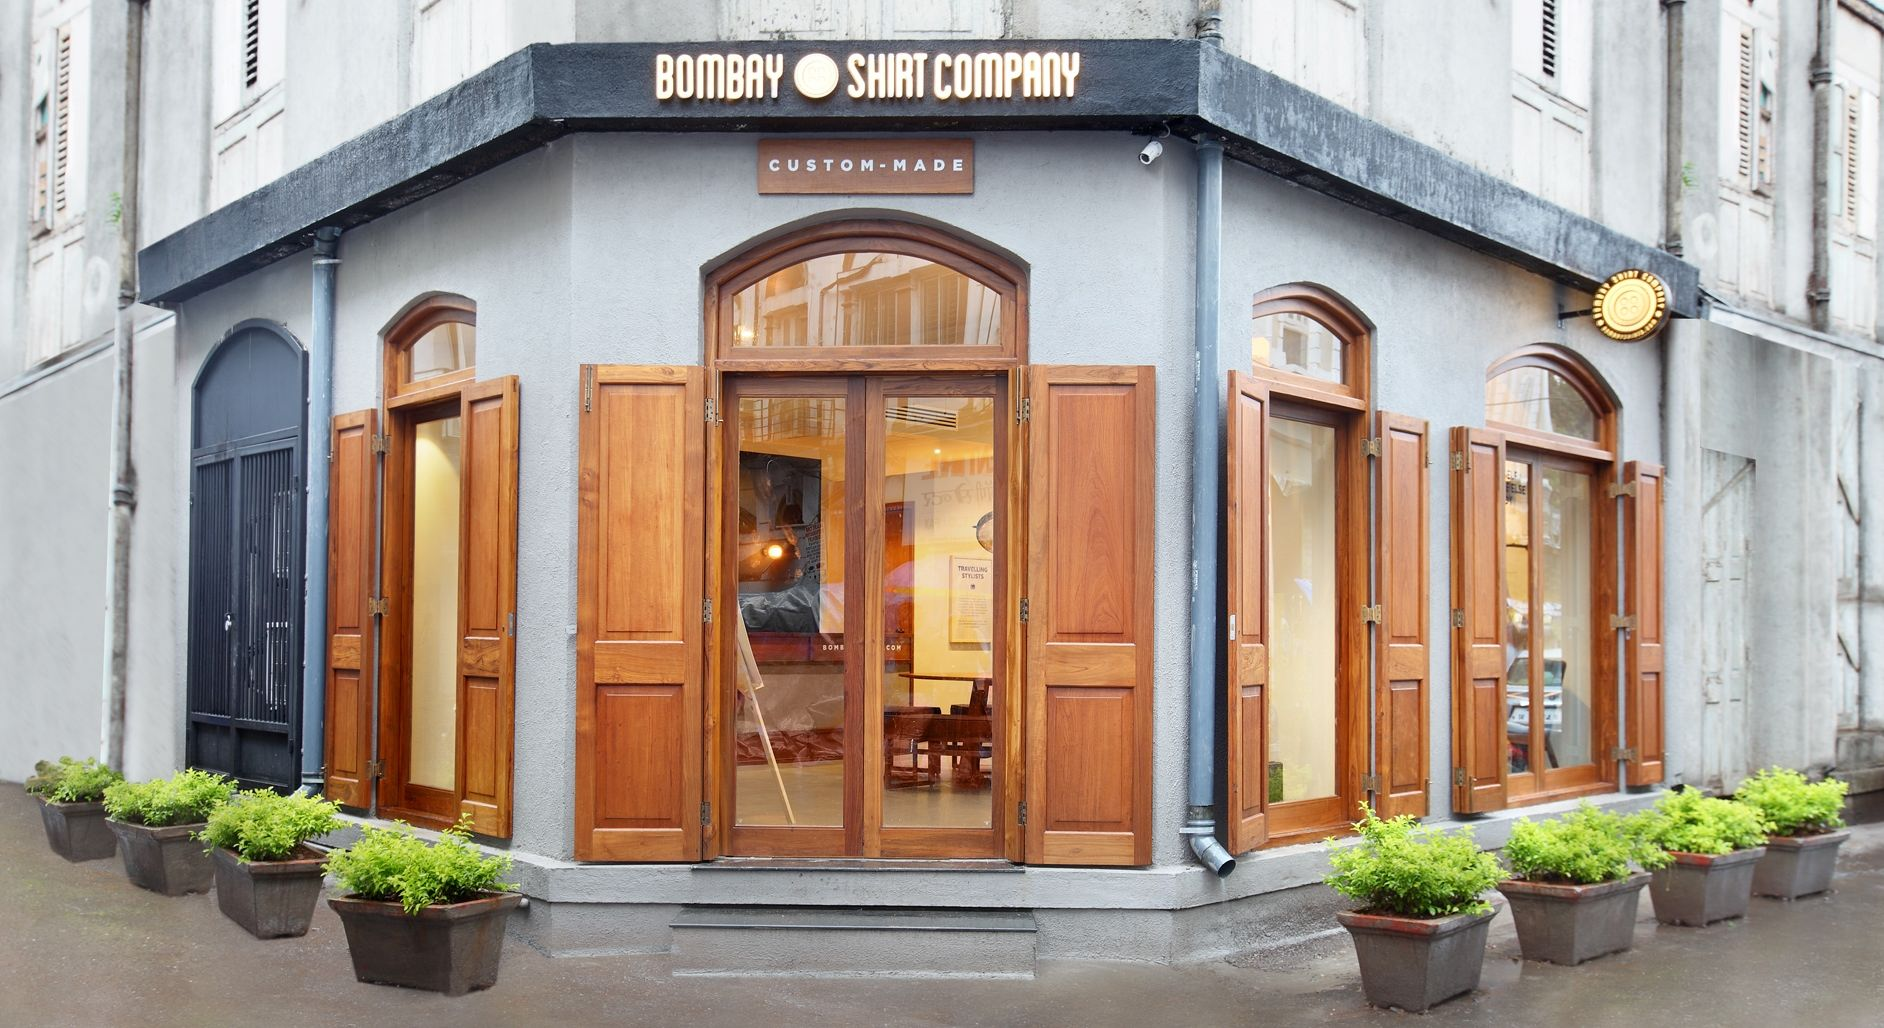 Bombay Shirt Company Store -1.jpg